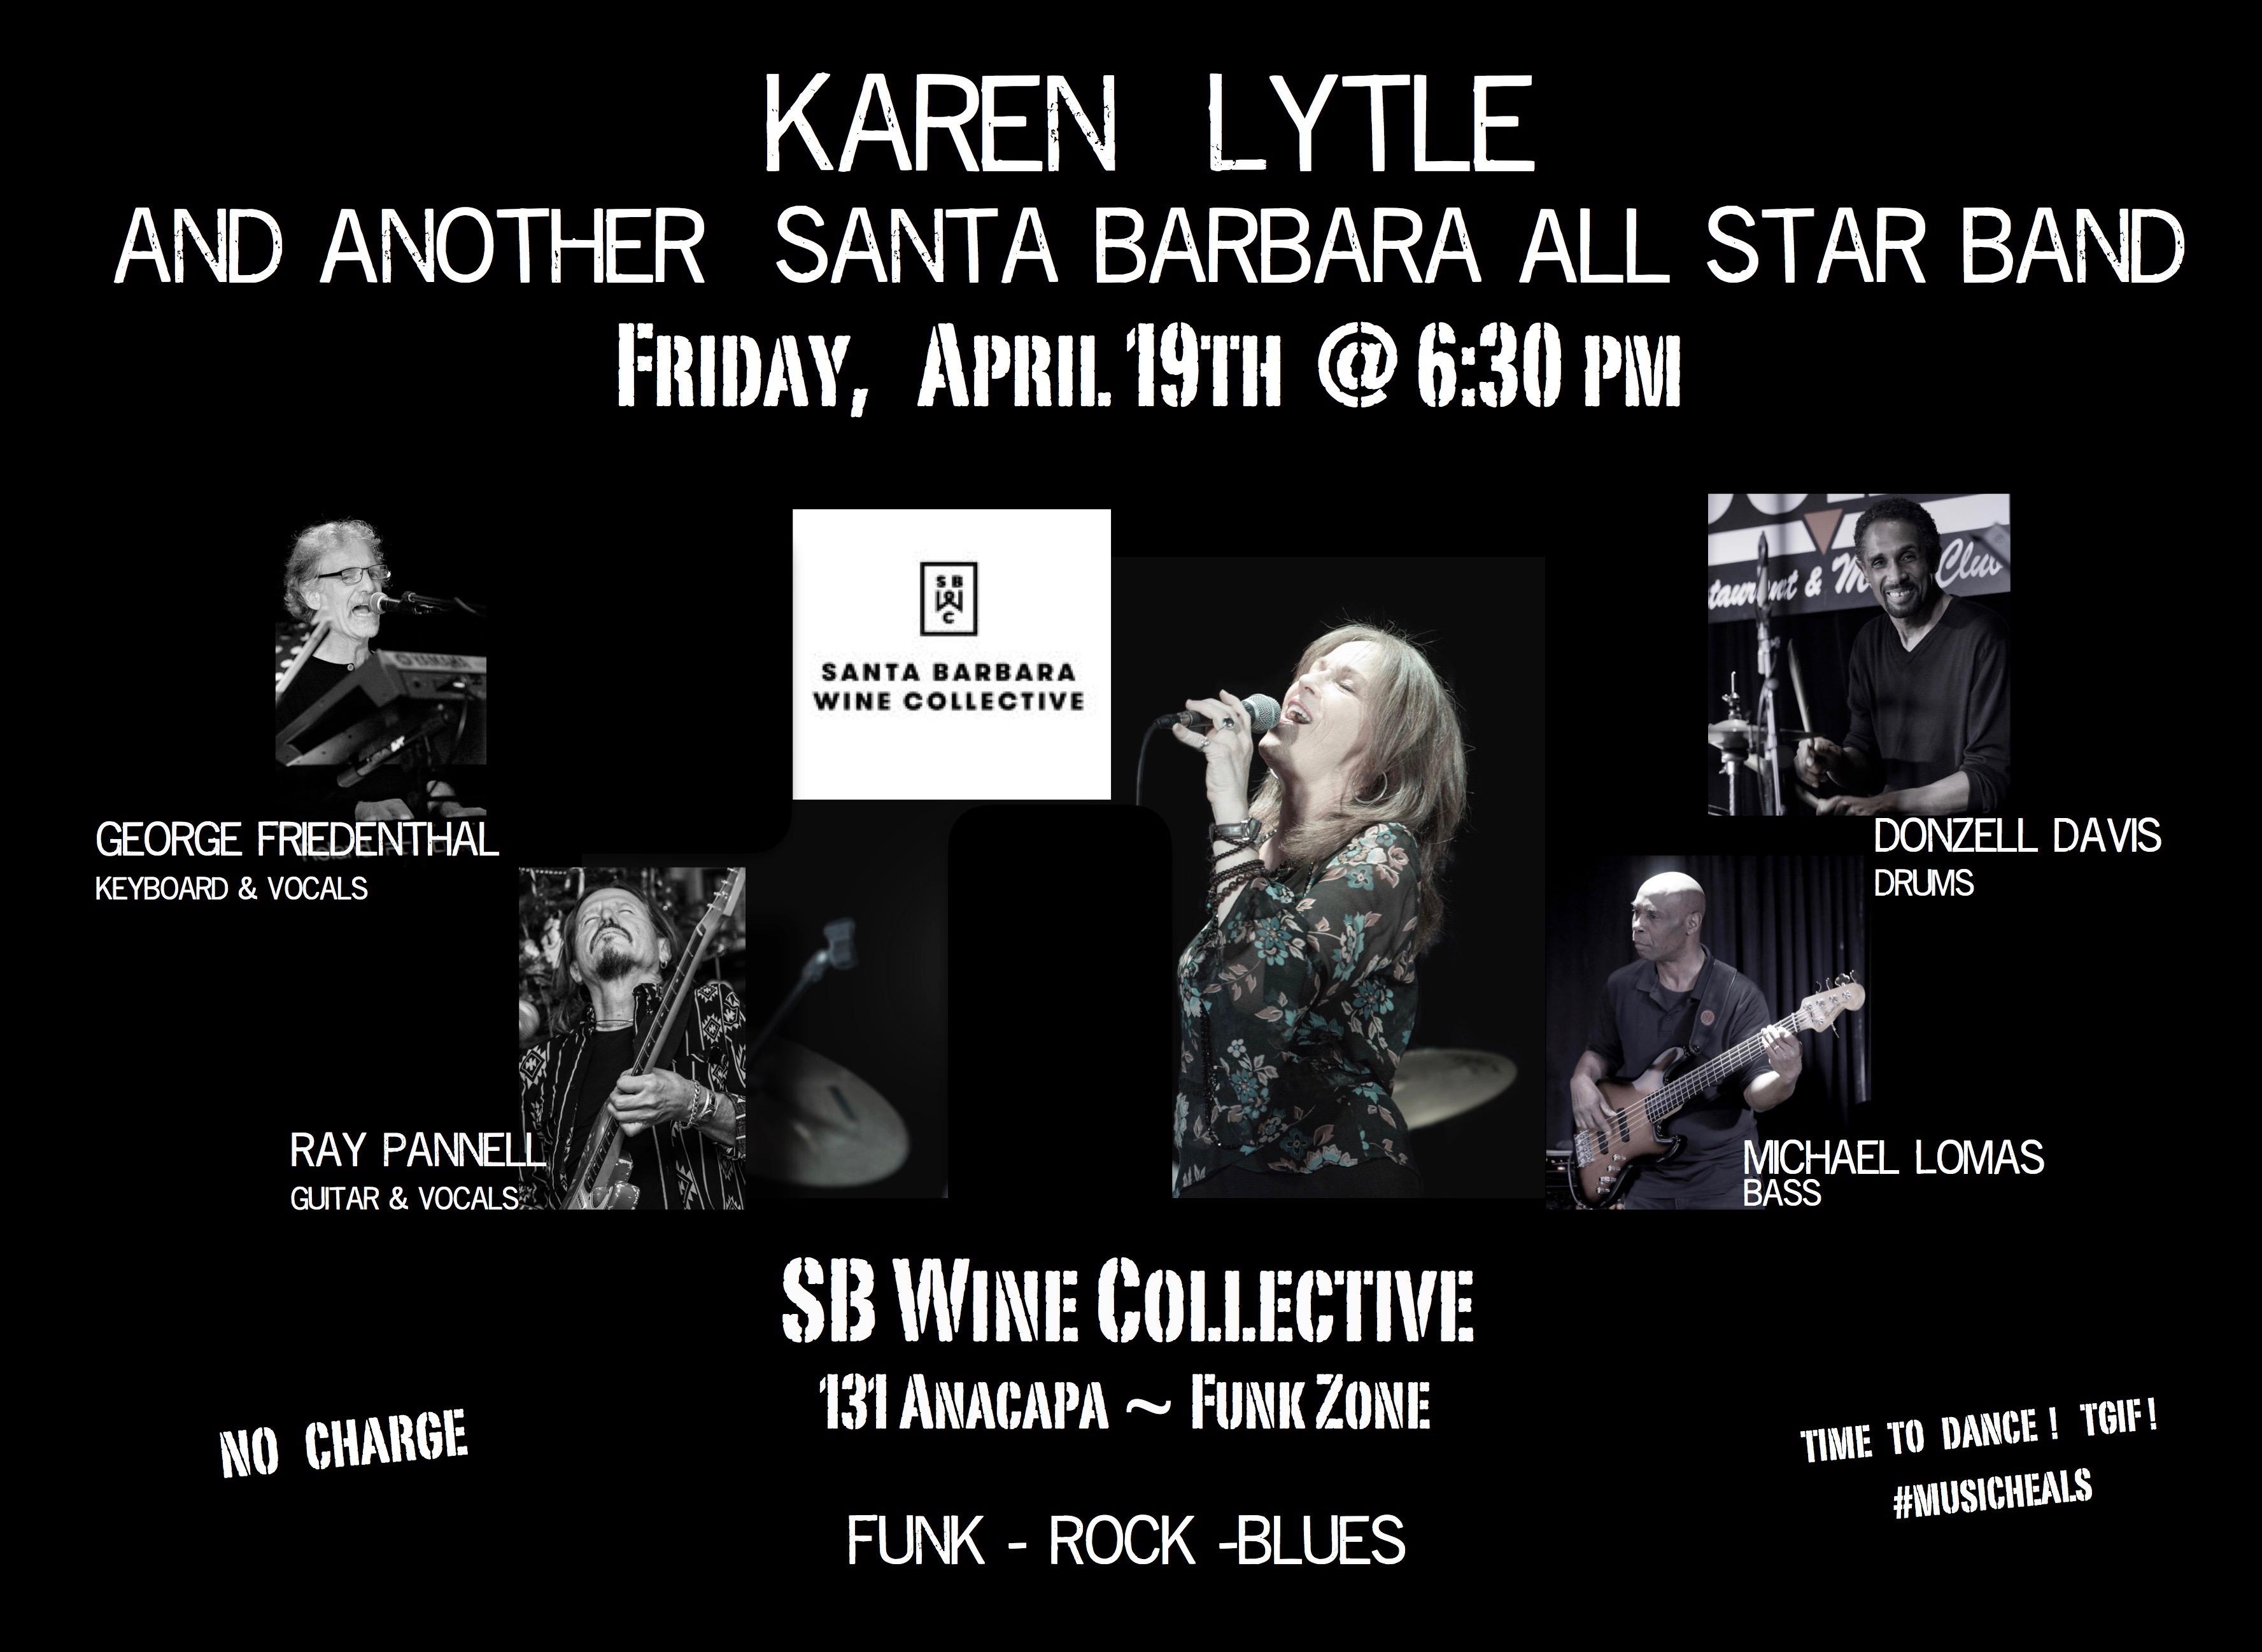 Karen Lytle and the Santa Barbara All-Star Band perform live at Santa Barbara Wine Collectiv